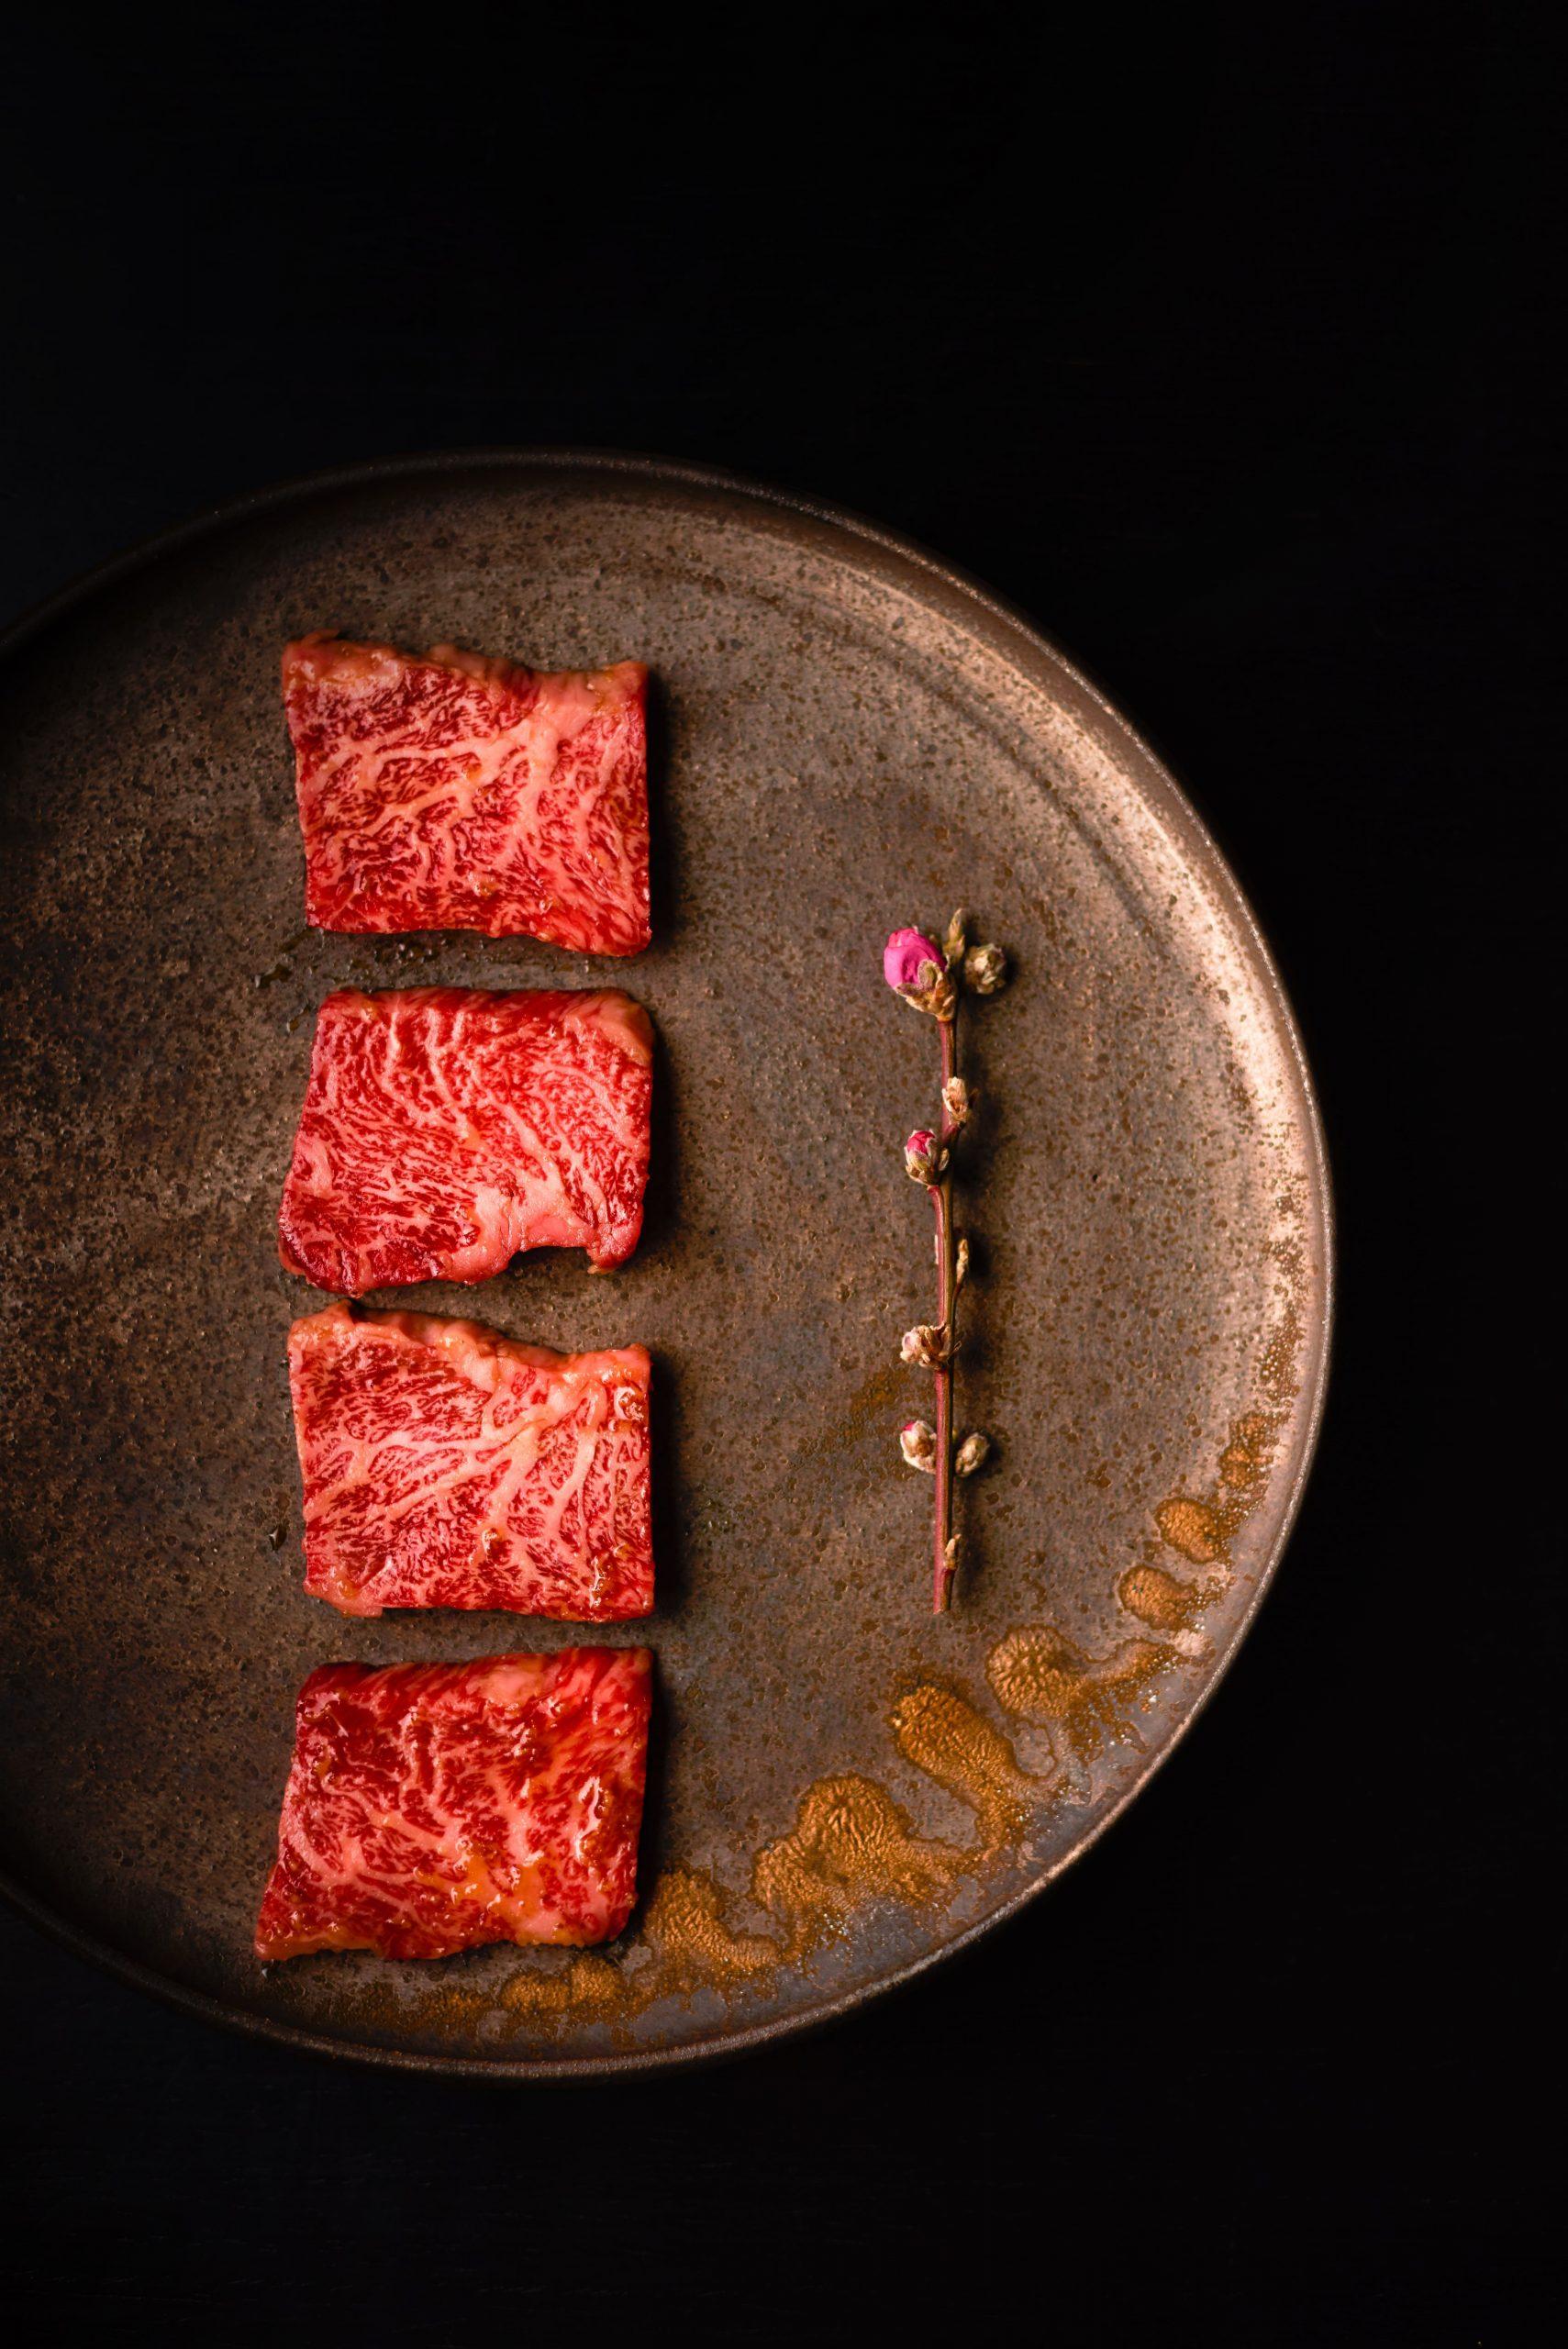 当館施設内「和牛料亭bungo」おおいた和牛をはじめとした全国の様々な和牛から、日本四季を感じさせる品までご用意。